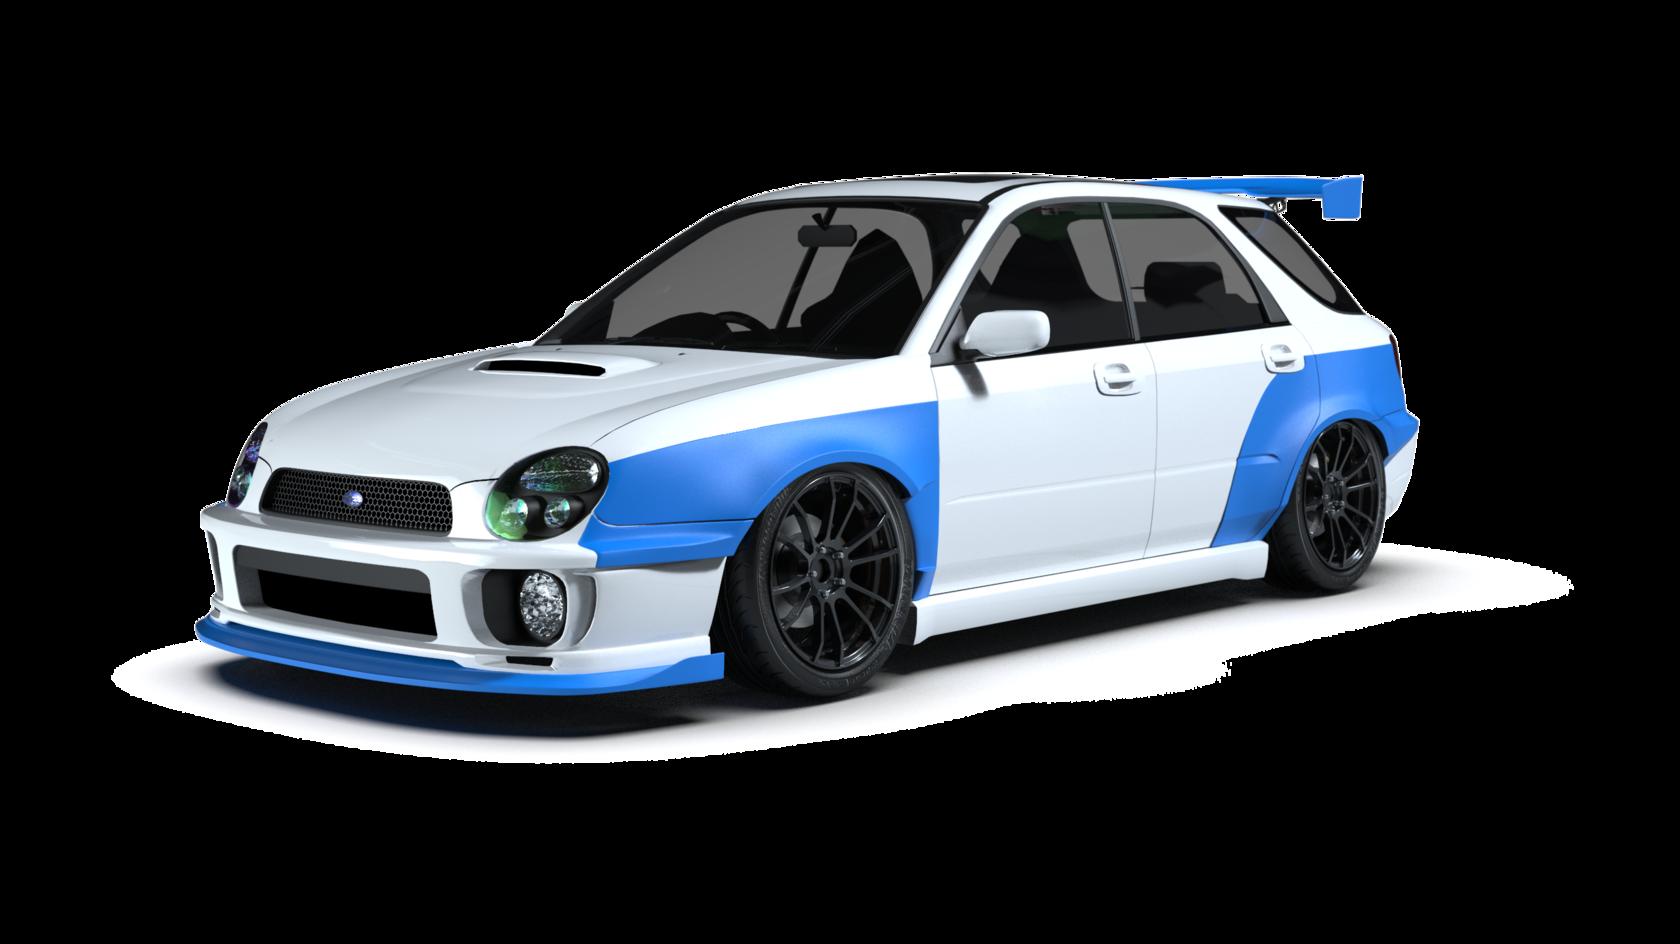 2 Subaru Impreza Wagon Wrx Sti